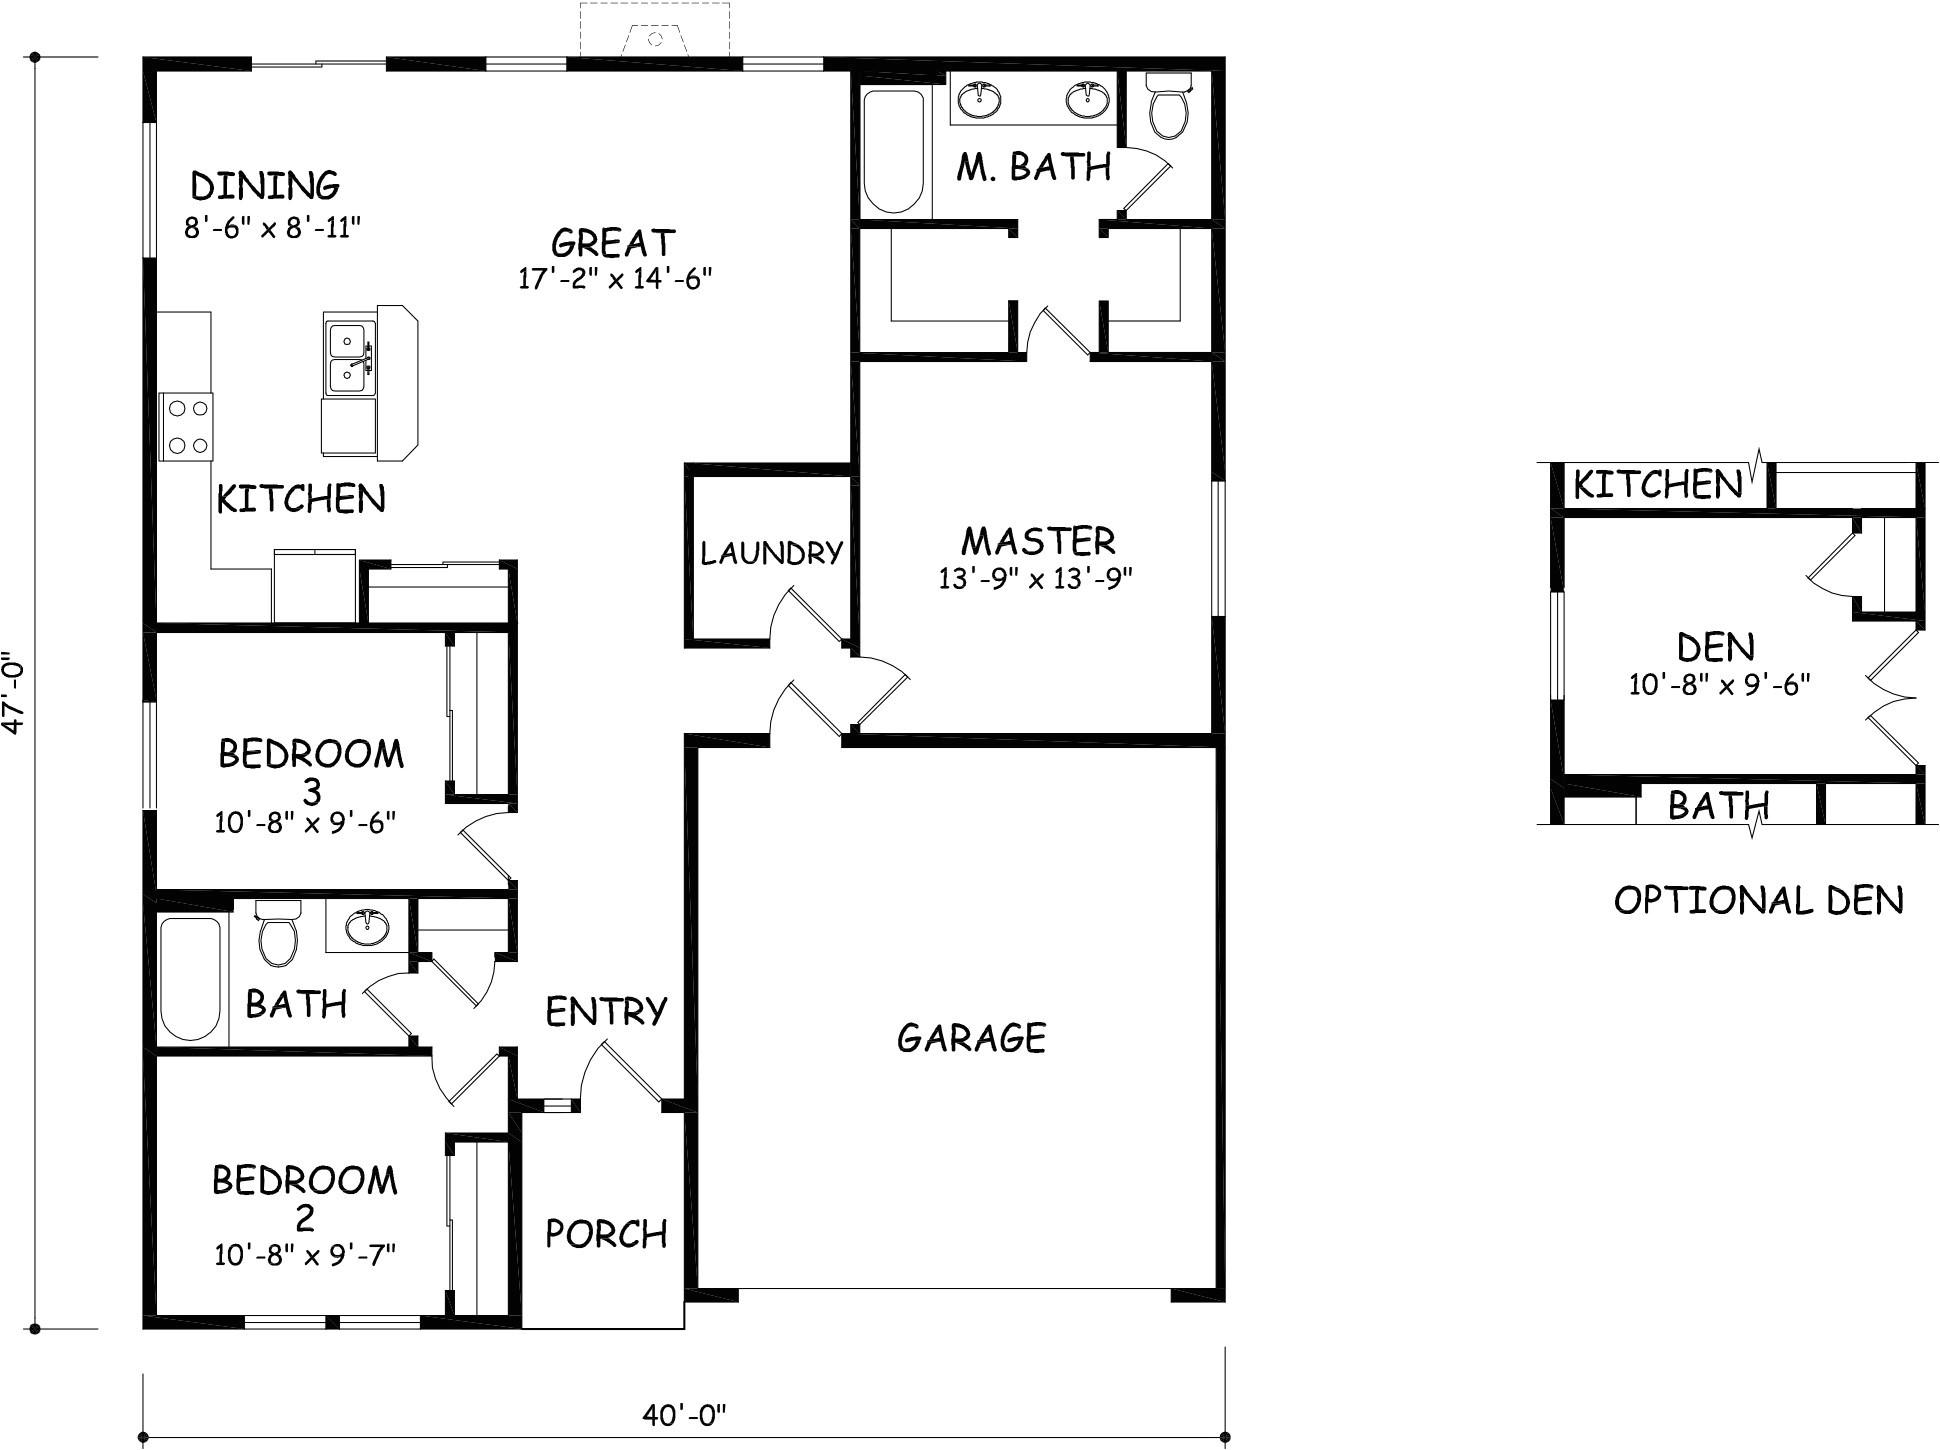 hayden homes floor plans beautiful the edgewood by hayden homes floor plan the 1408 square foot